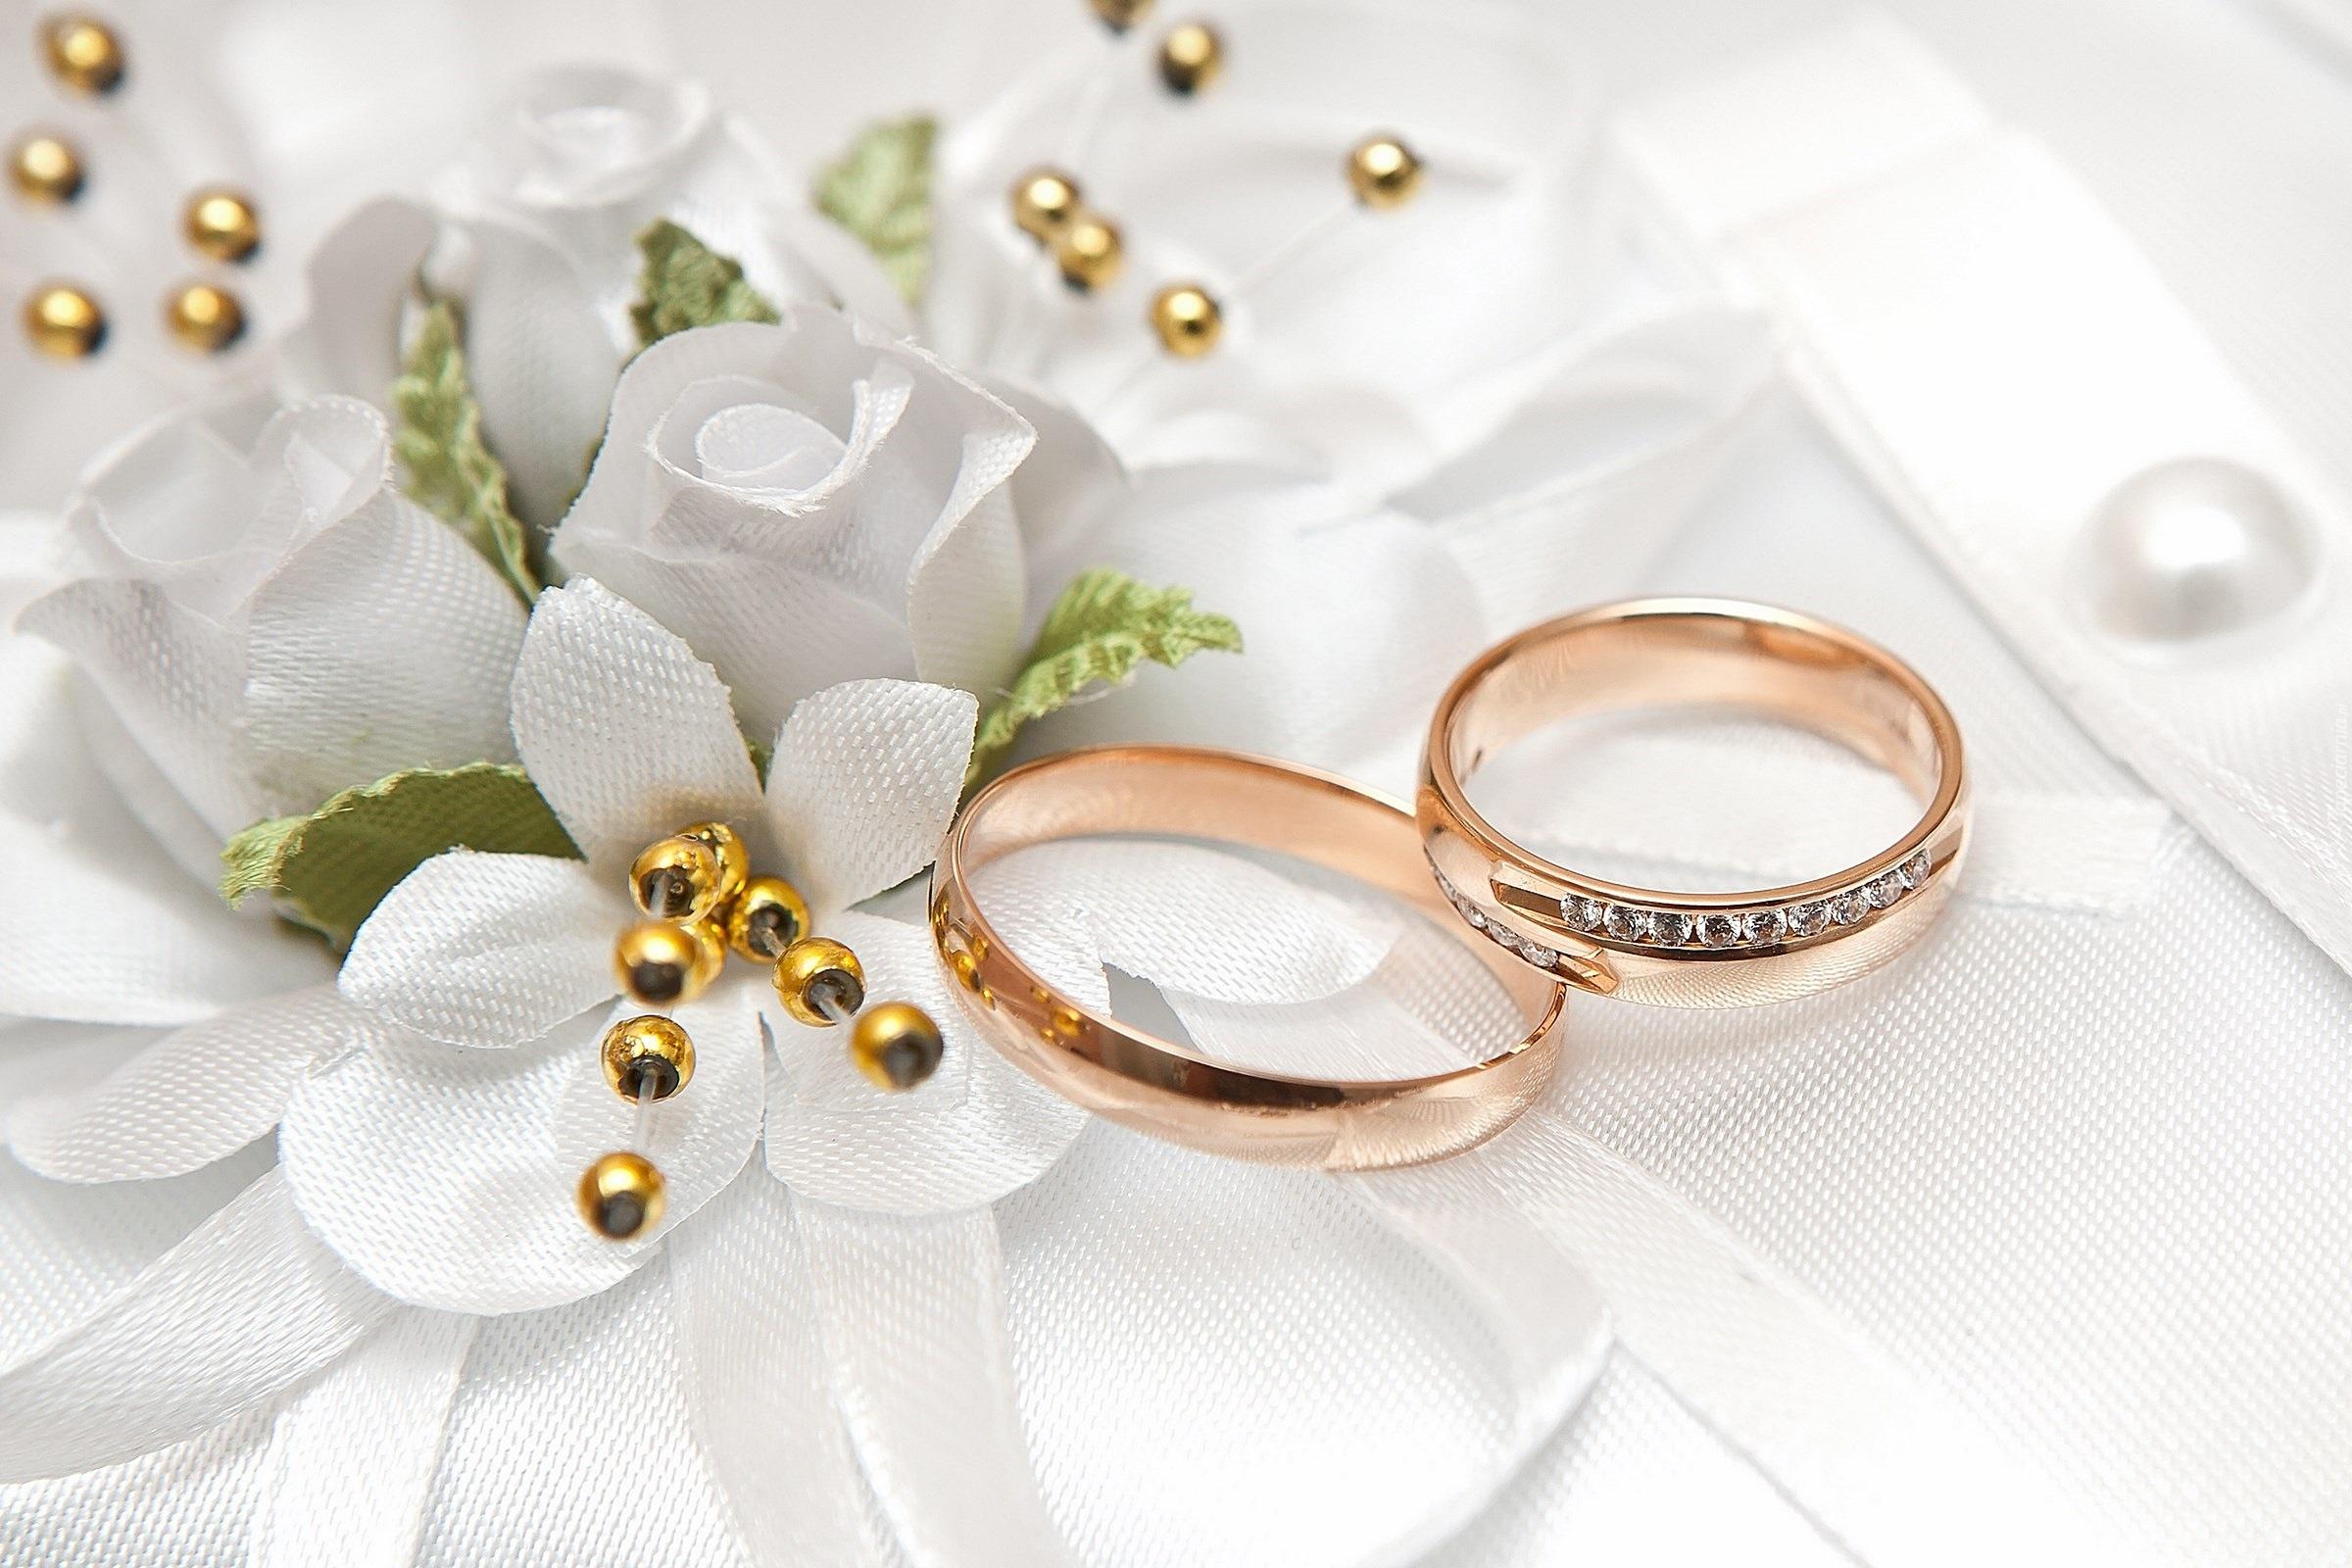 Znalezione obrazy dla zapytania ślub obrączki kwiaty